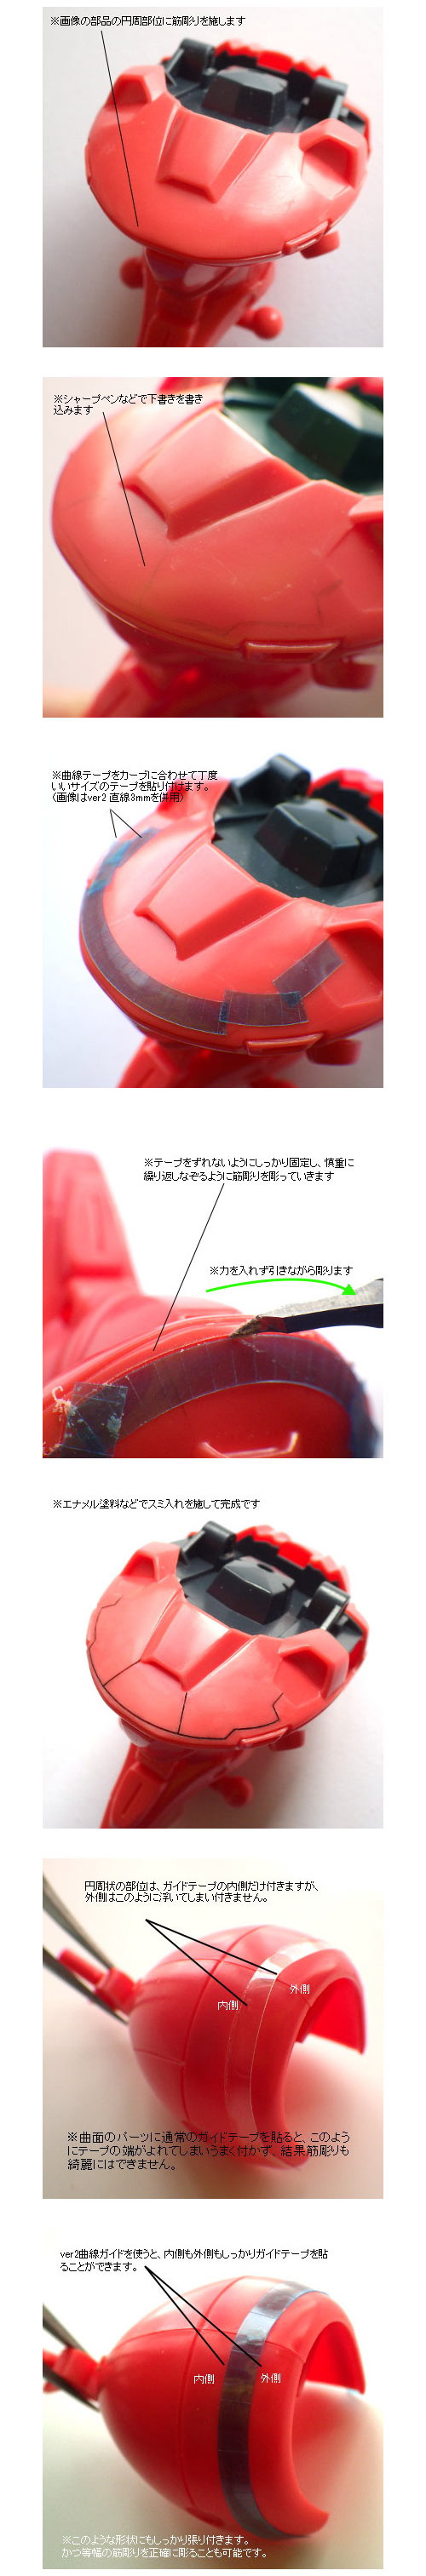 GUNPRIMER ガンプライマー パネルラインガイド ver.2 曲線ガイド